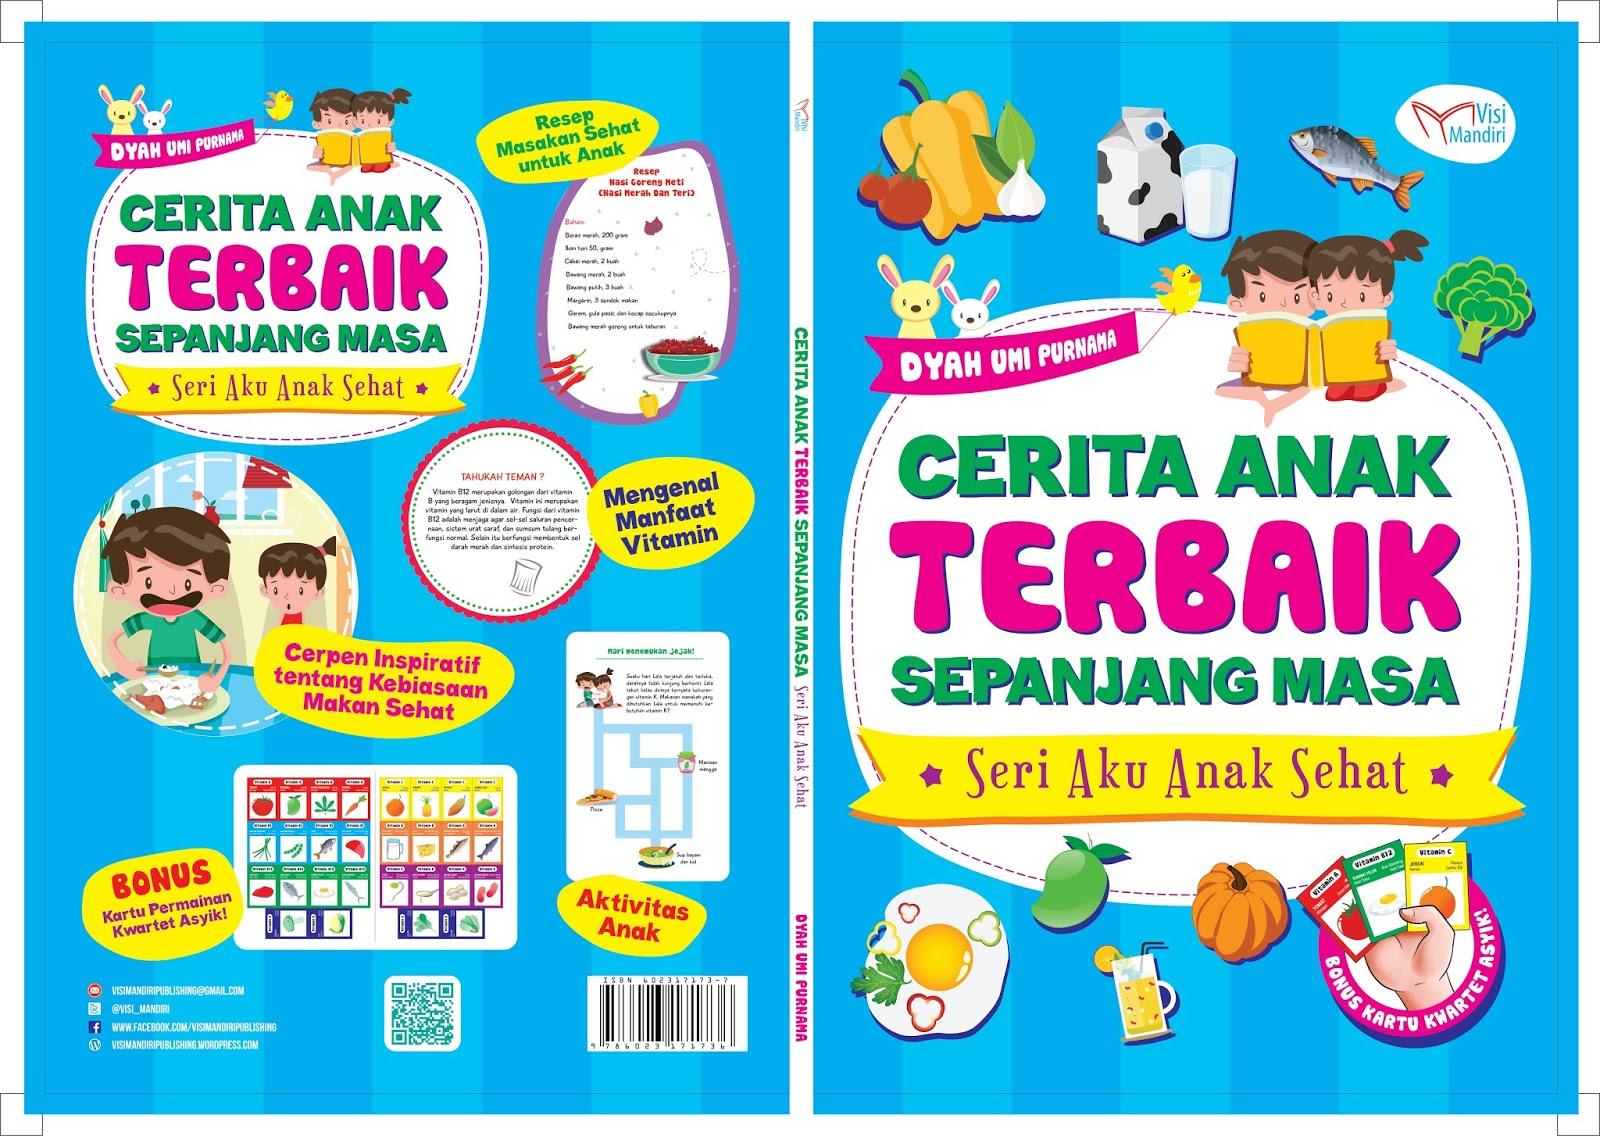 """Buku Cerita Anak Terbaik Sepanjang Masa """"Seri Aku Anak Sehat"""""""